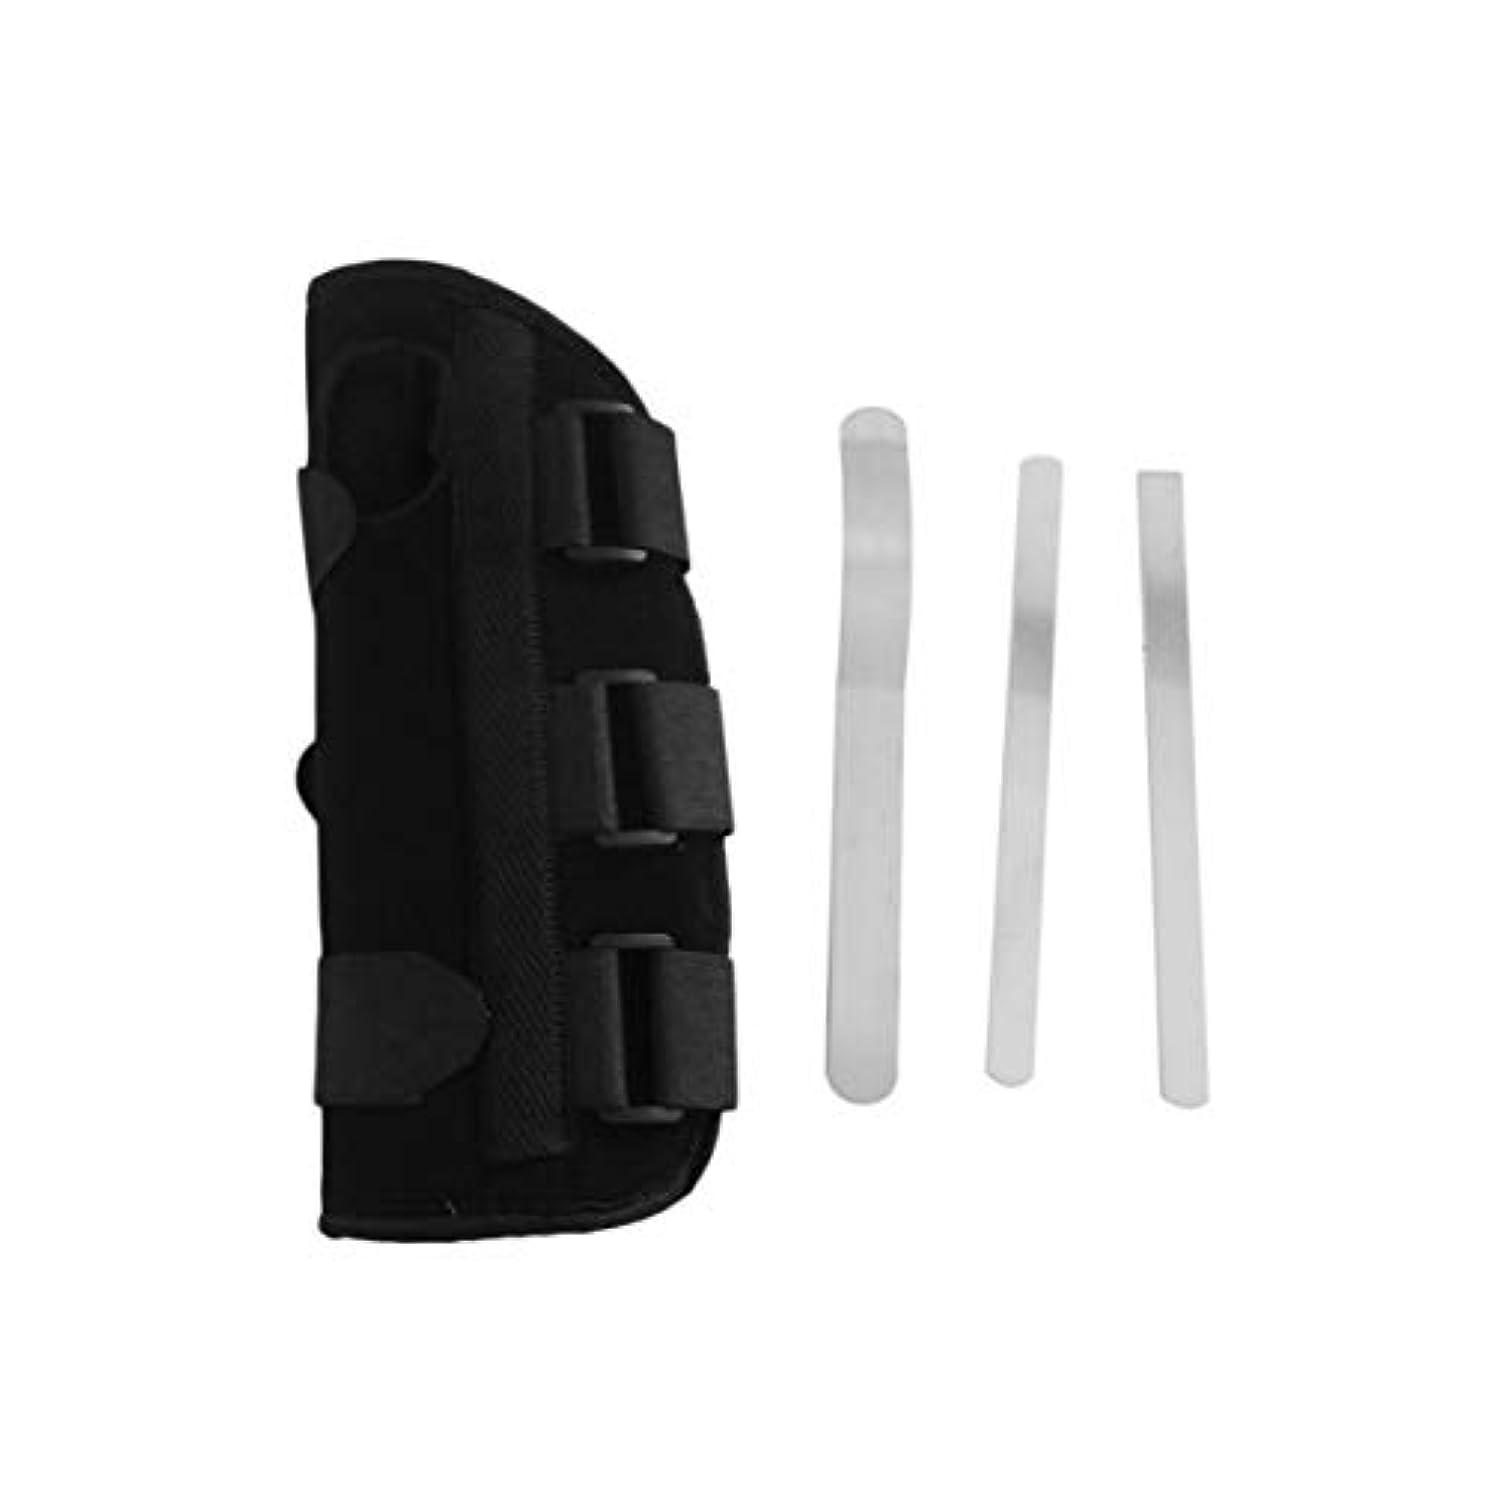 リッチ振る毎日手首副木ブレース保護サポートストラップカルペルトンネルCTS RSI痛み軽減取り外し可能な副木快適な軽量ストラップ - ブラックS